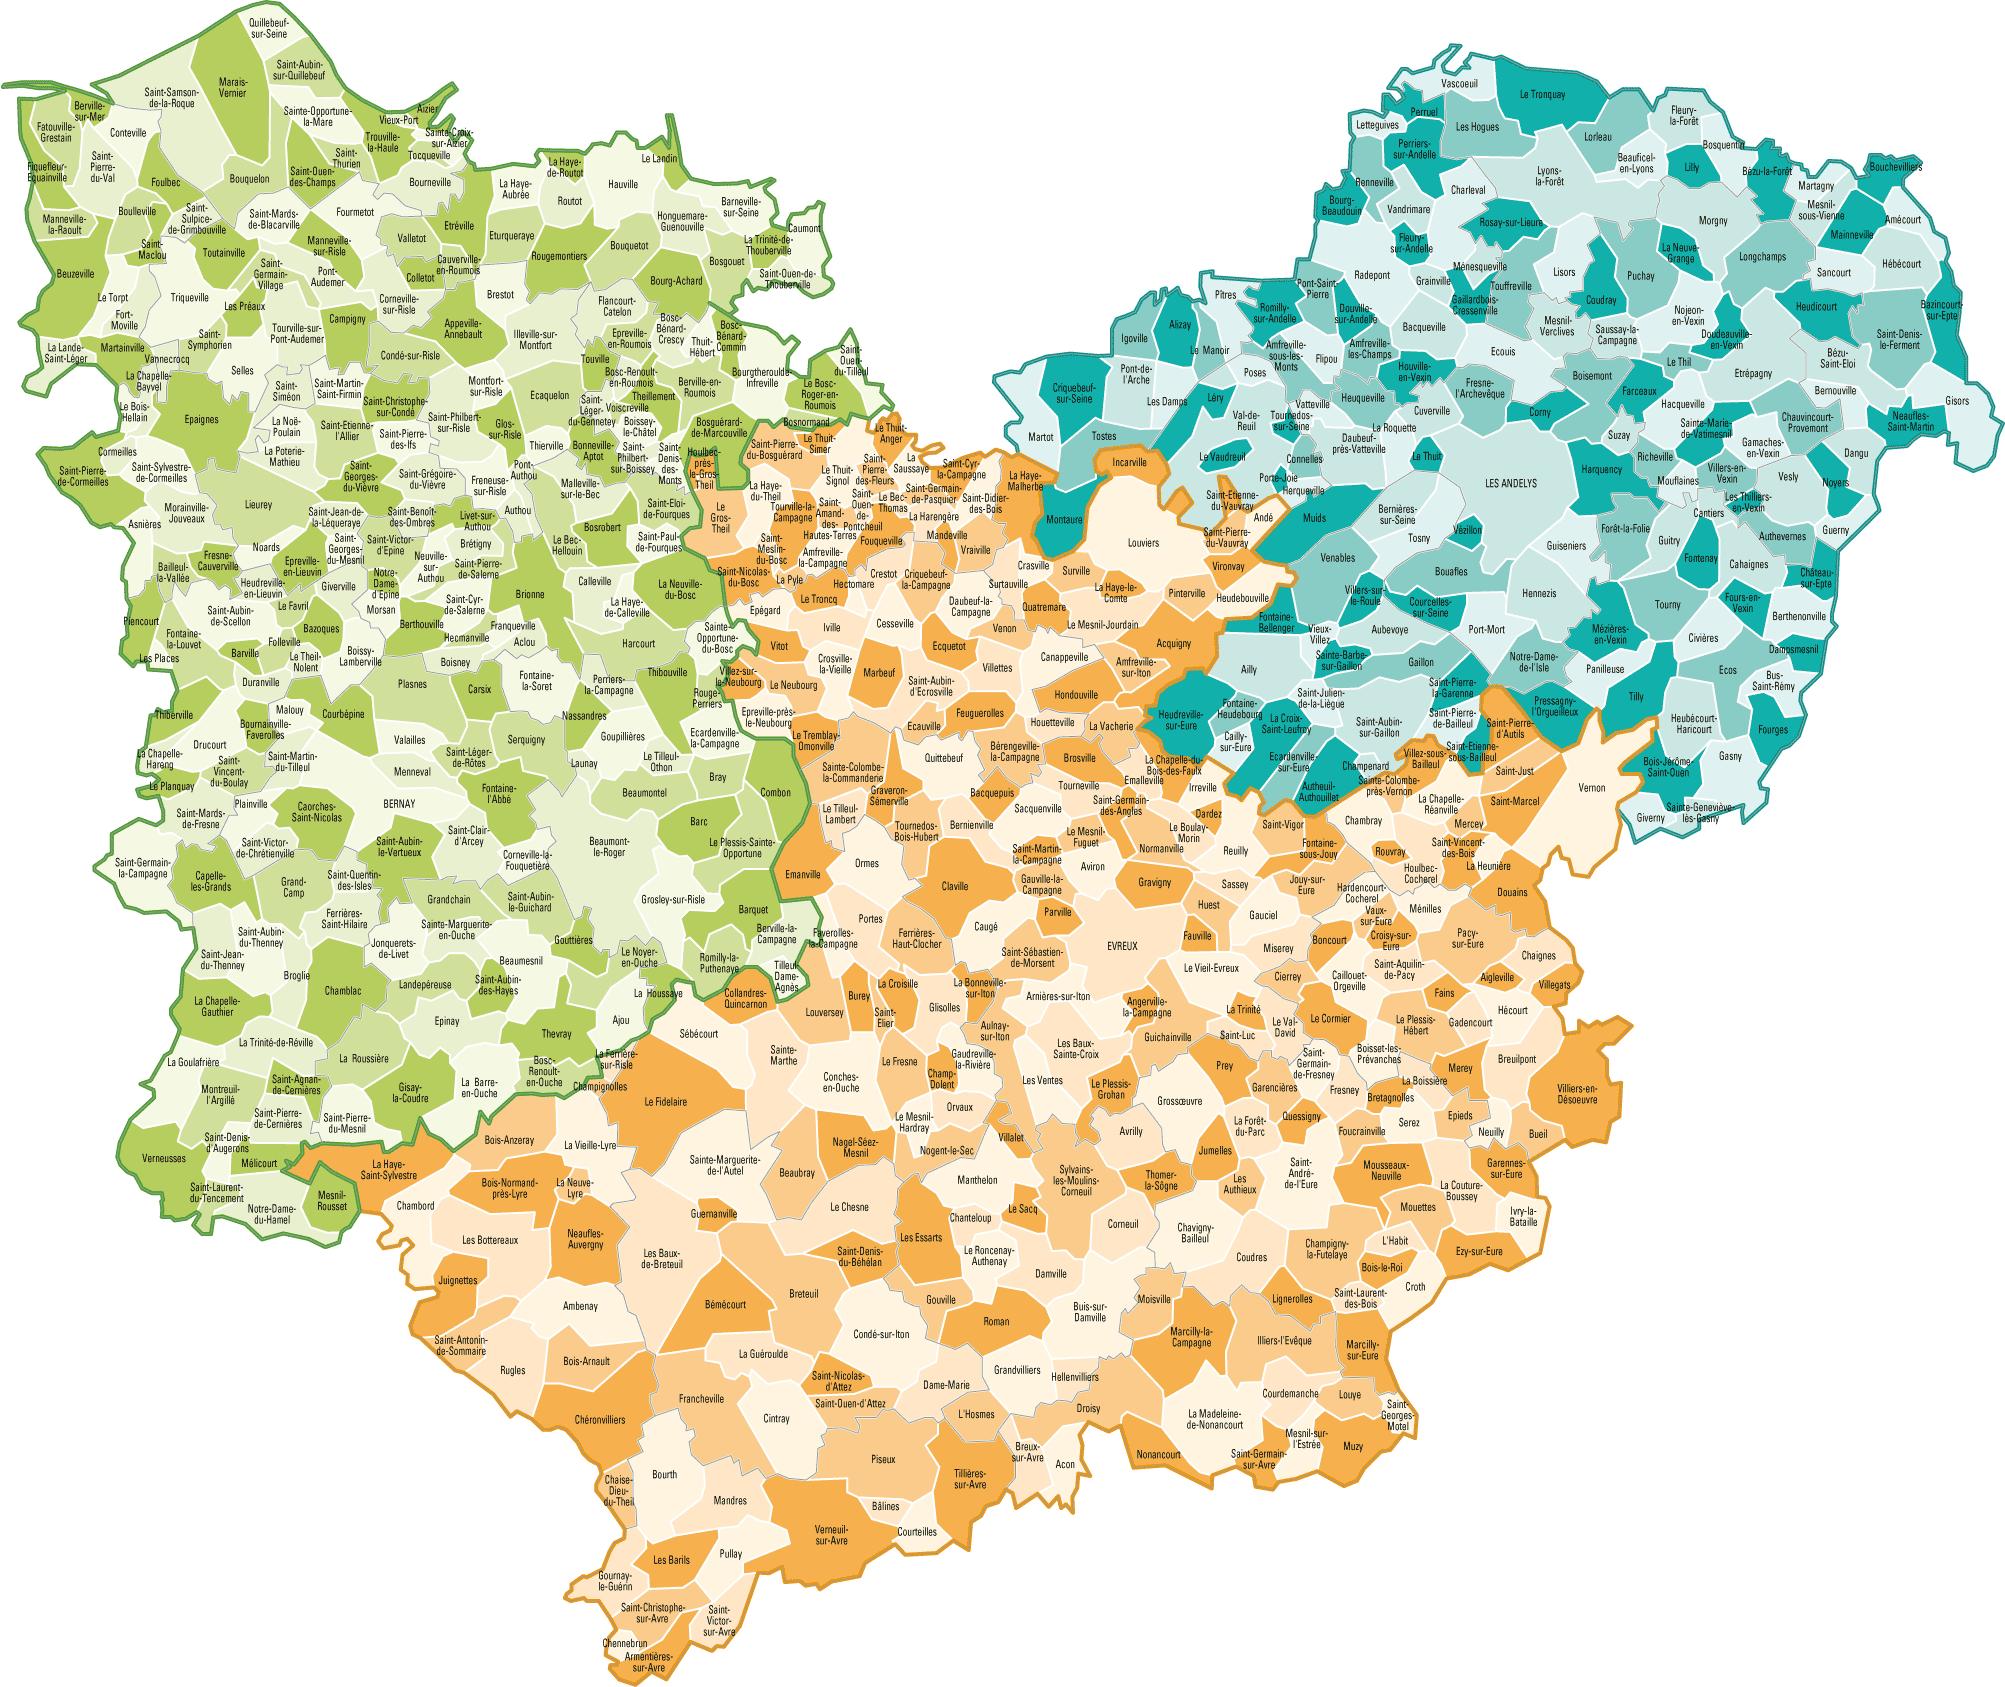 Carte de l'Eure - Eure carte du département 27 - villes, sites touristiques...